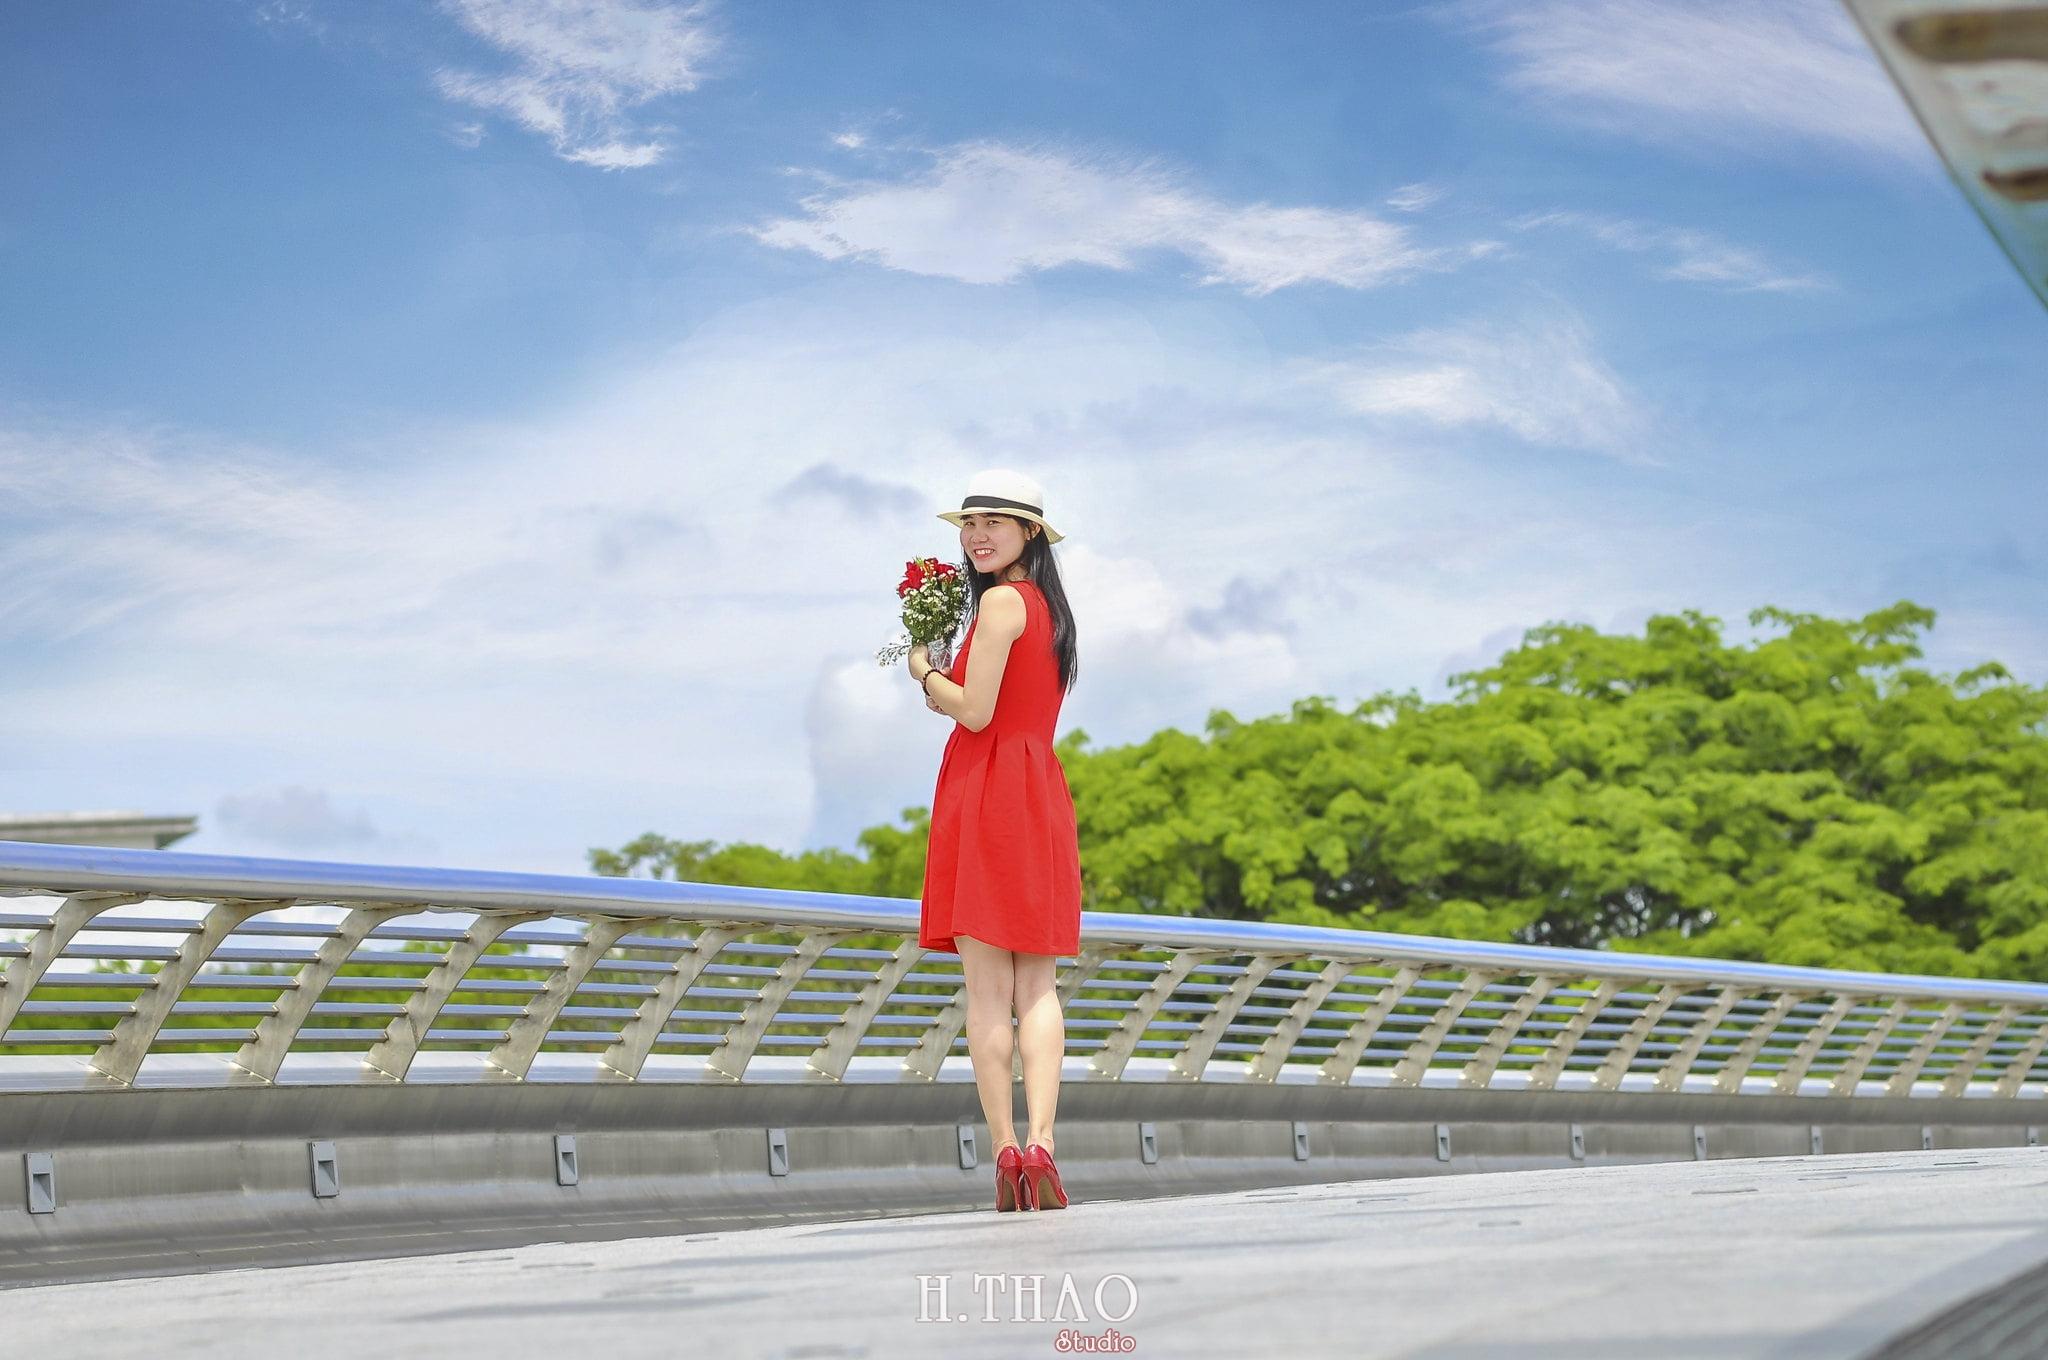 chup anh o cau anh sao 1 - Top 5 địa điểm chụp ảnh couple đẹp nhất Tp.HCM